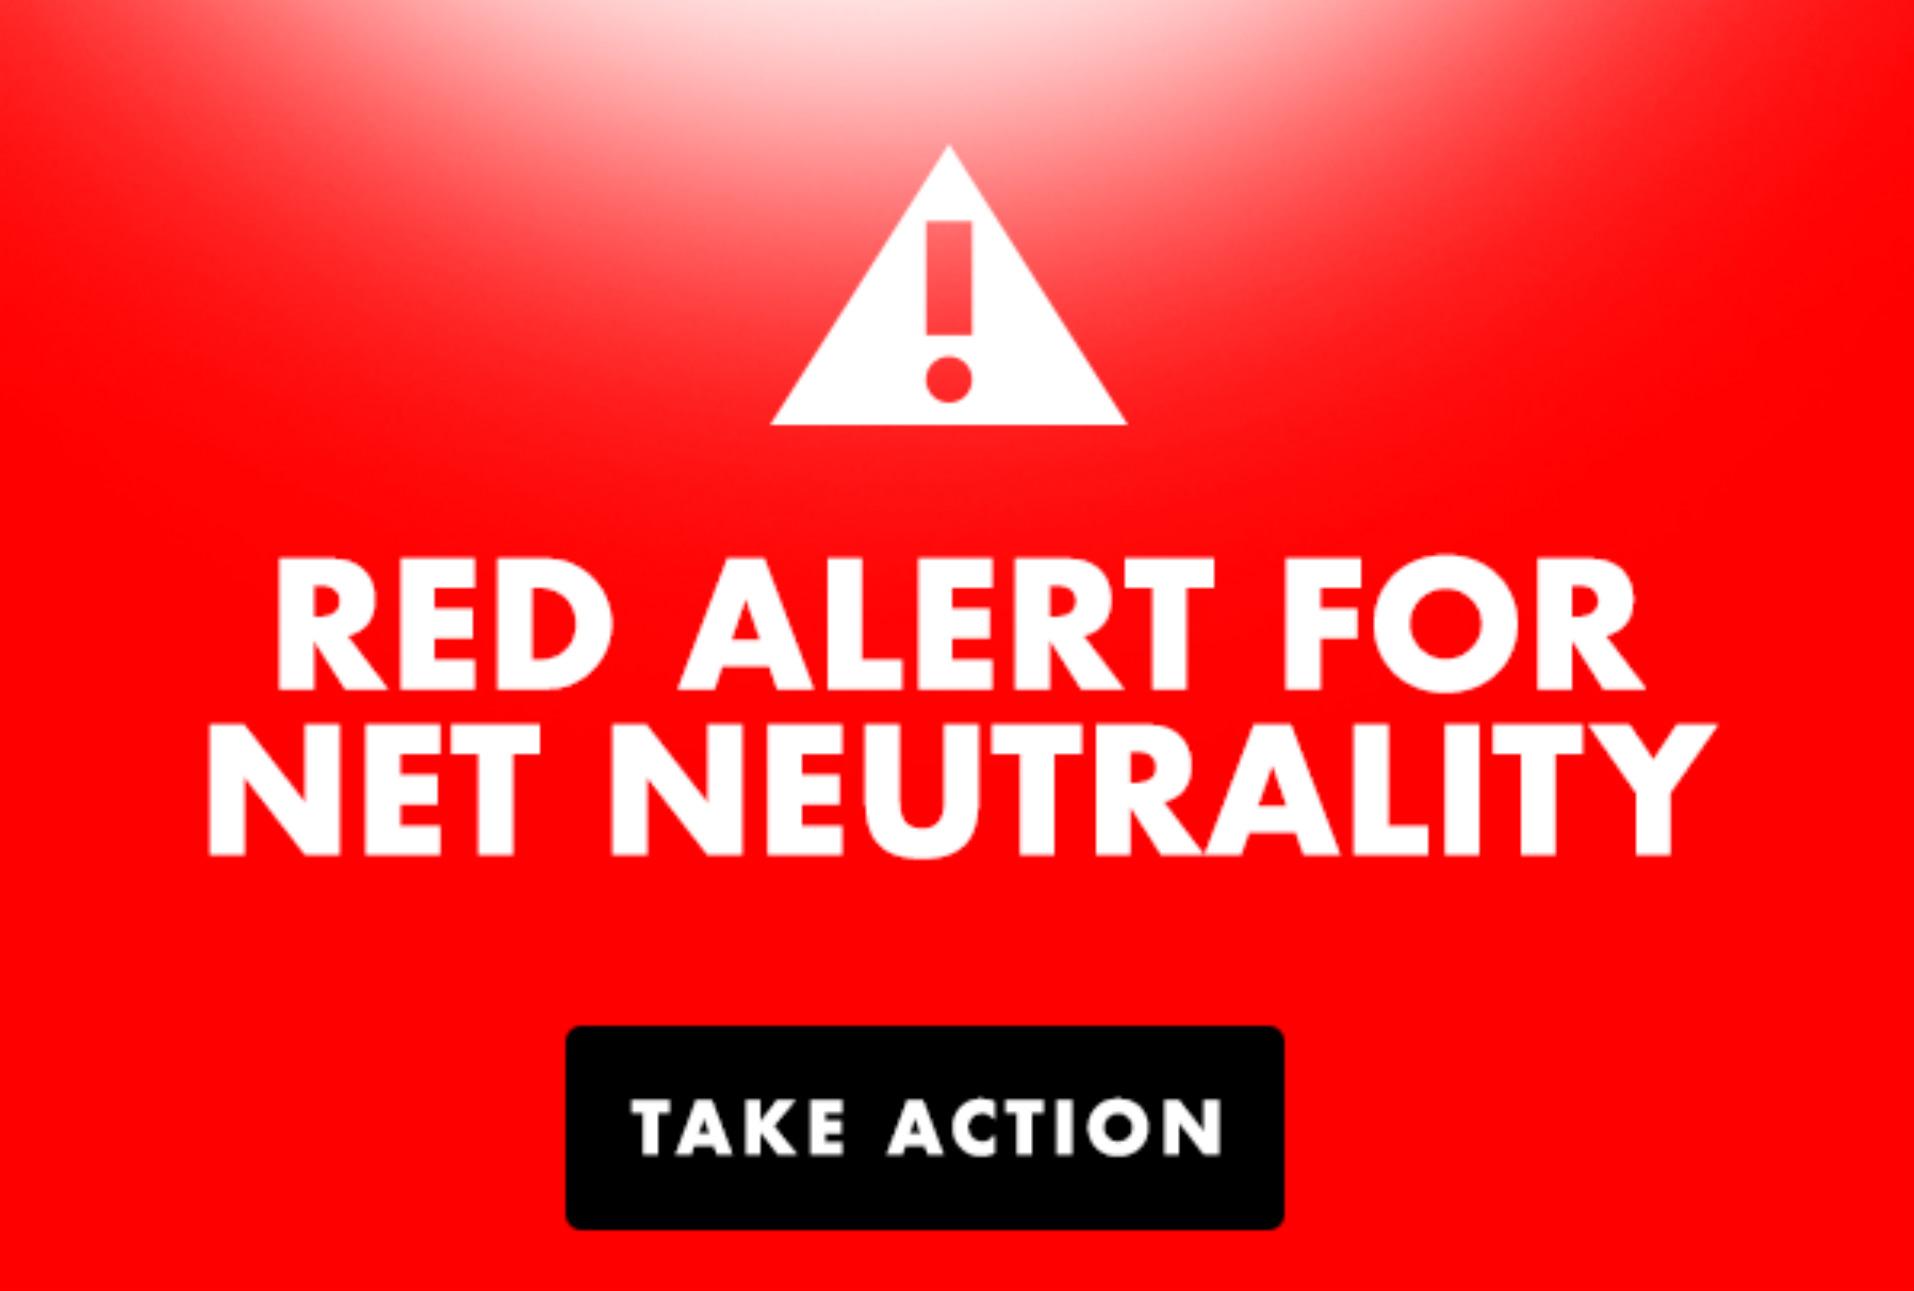 Senadores demócratas de EE.UU. promueven voto para mantener la neutralidad de la red